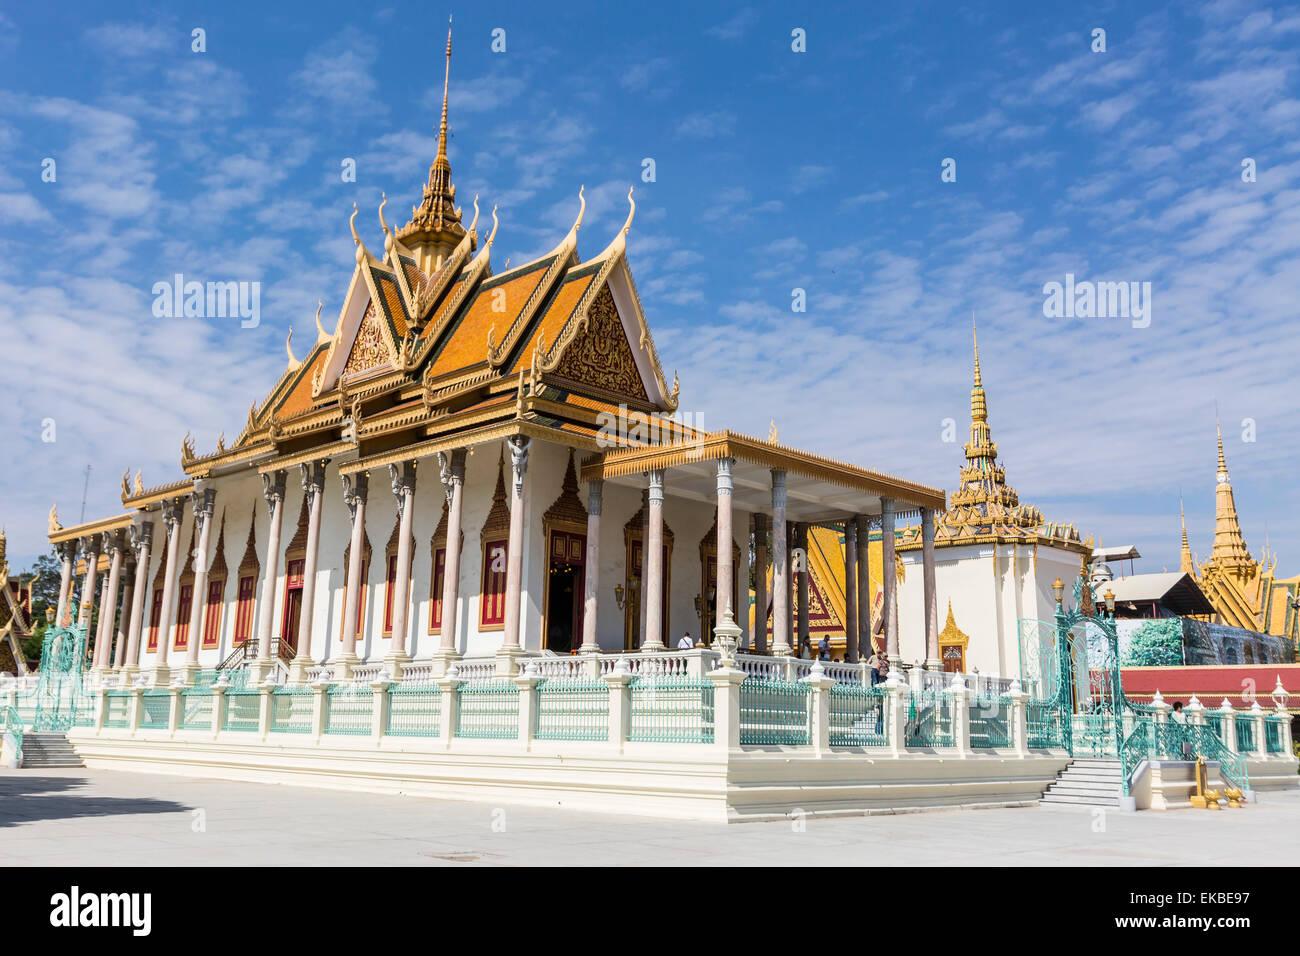 Die Silberpagode (Wat Preah Keo) in der Hauptstadt Phnom Penh, Kambodscha, Indochina, Südostasien, Asien Stockfoto